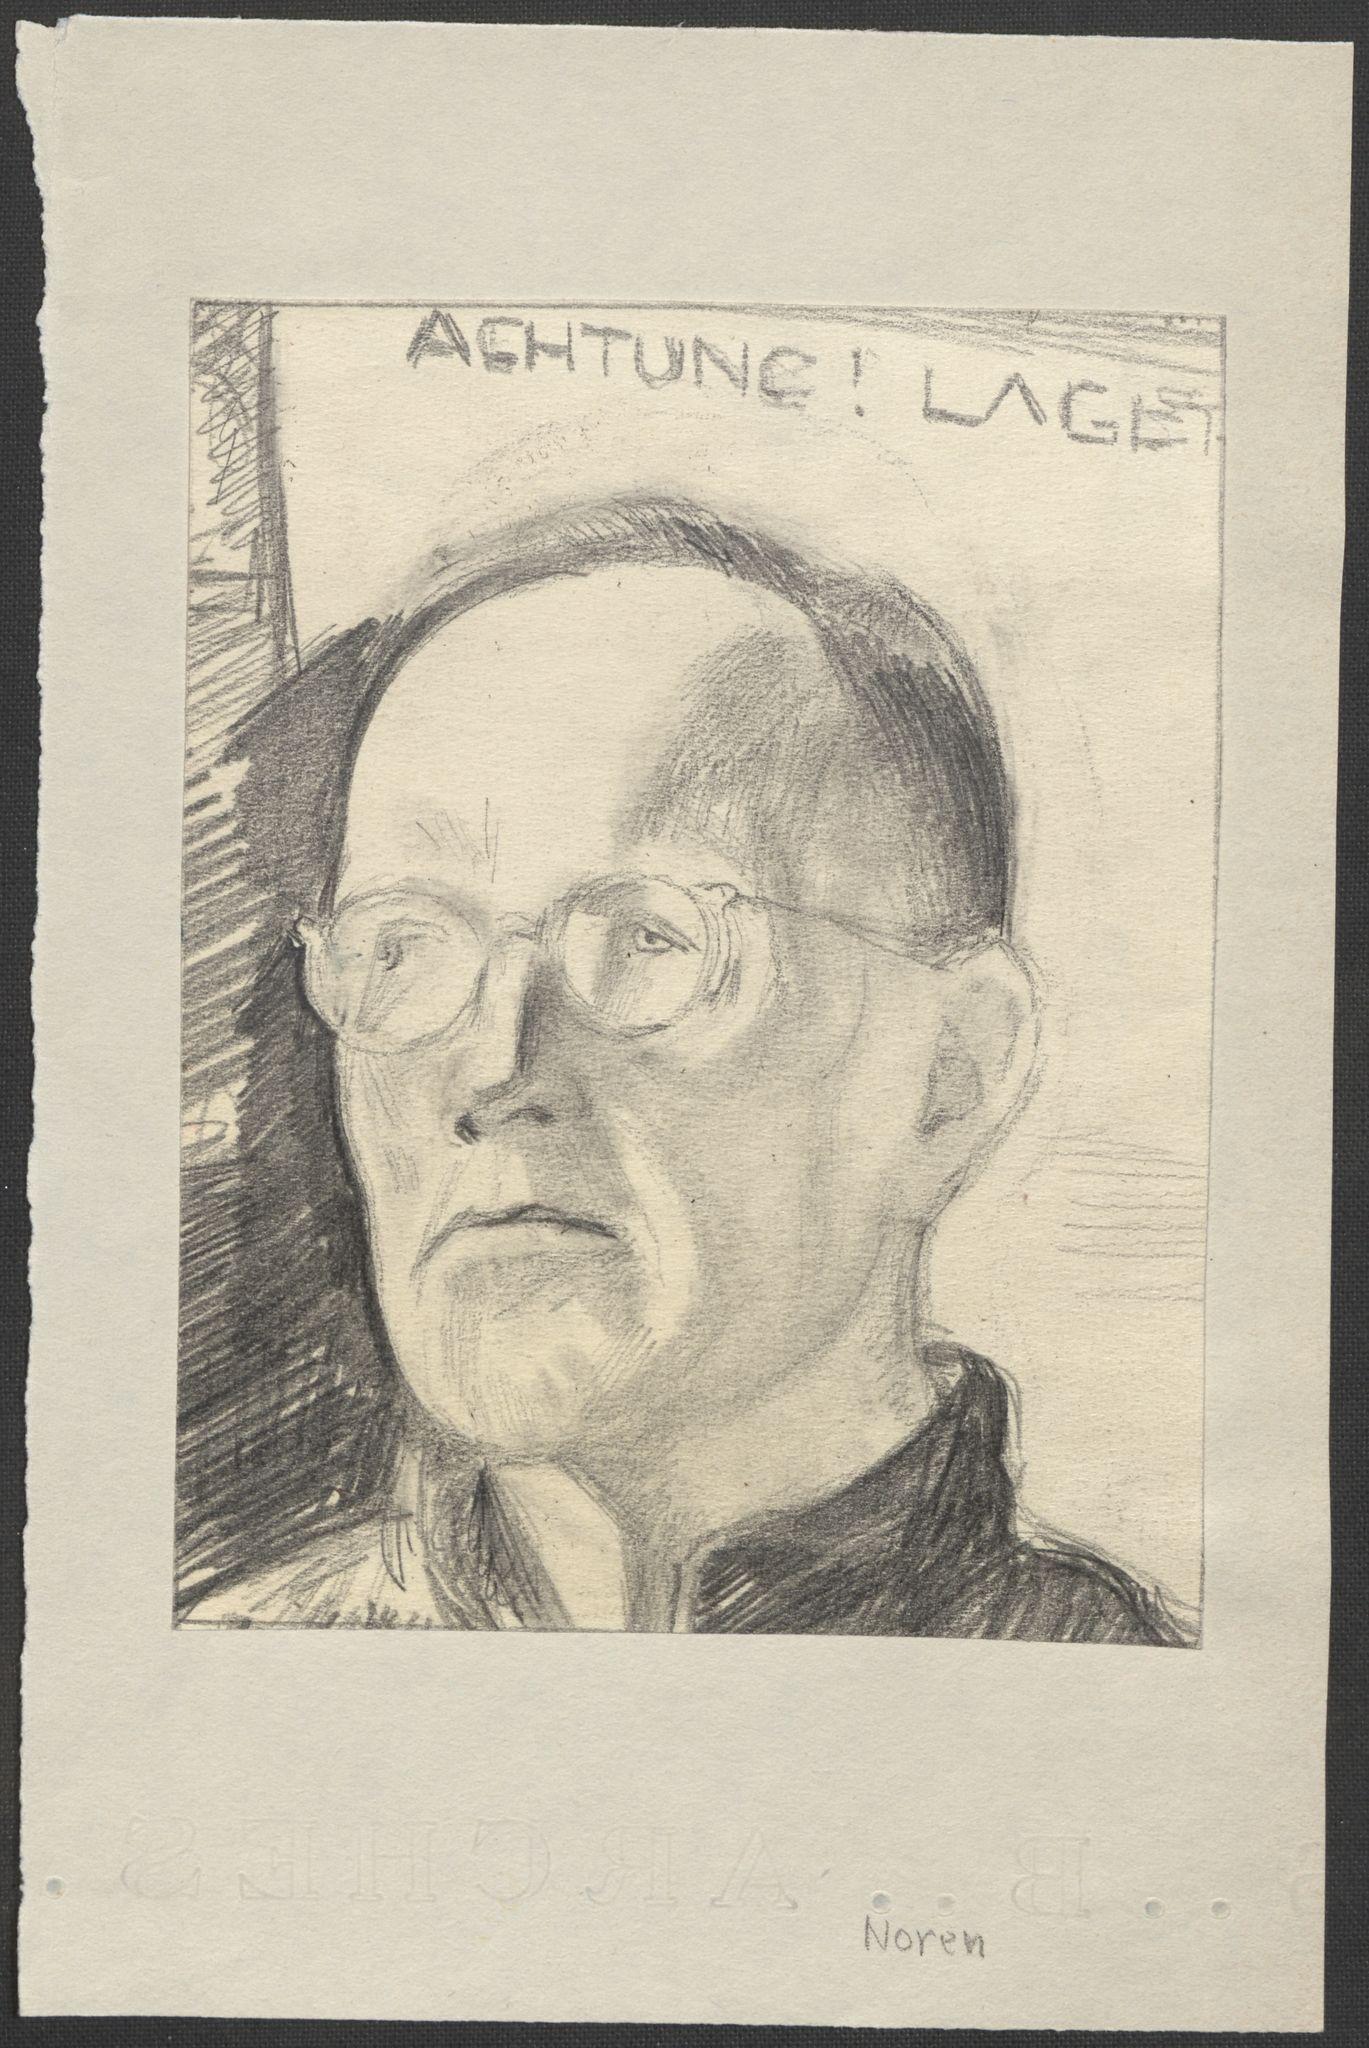 RA, Grøgaard, Joachim, F/L0002: Tegninger og tekster, 1942-1945, p. 11